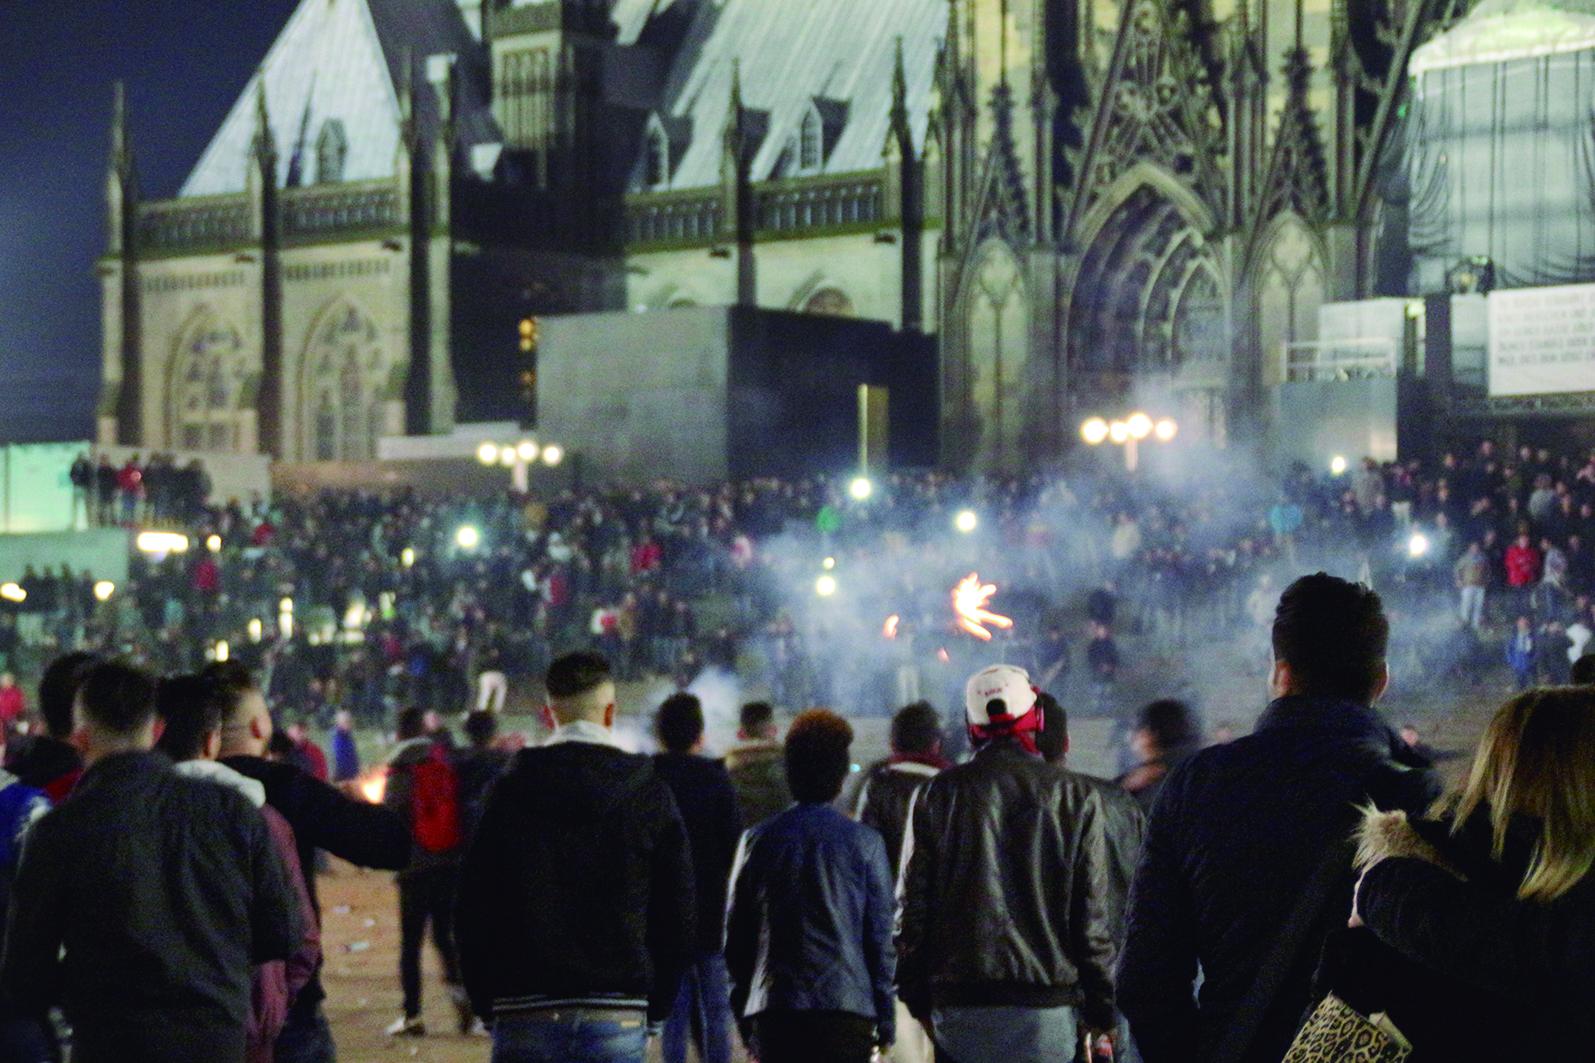 31 de dezembro de 2015 na praça em frente à catedral de Colônia